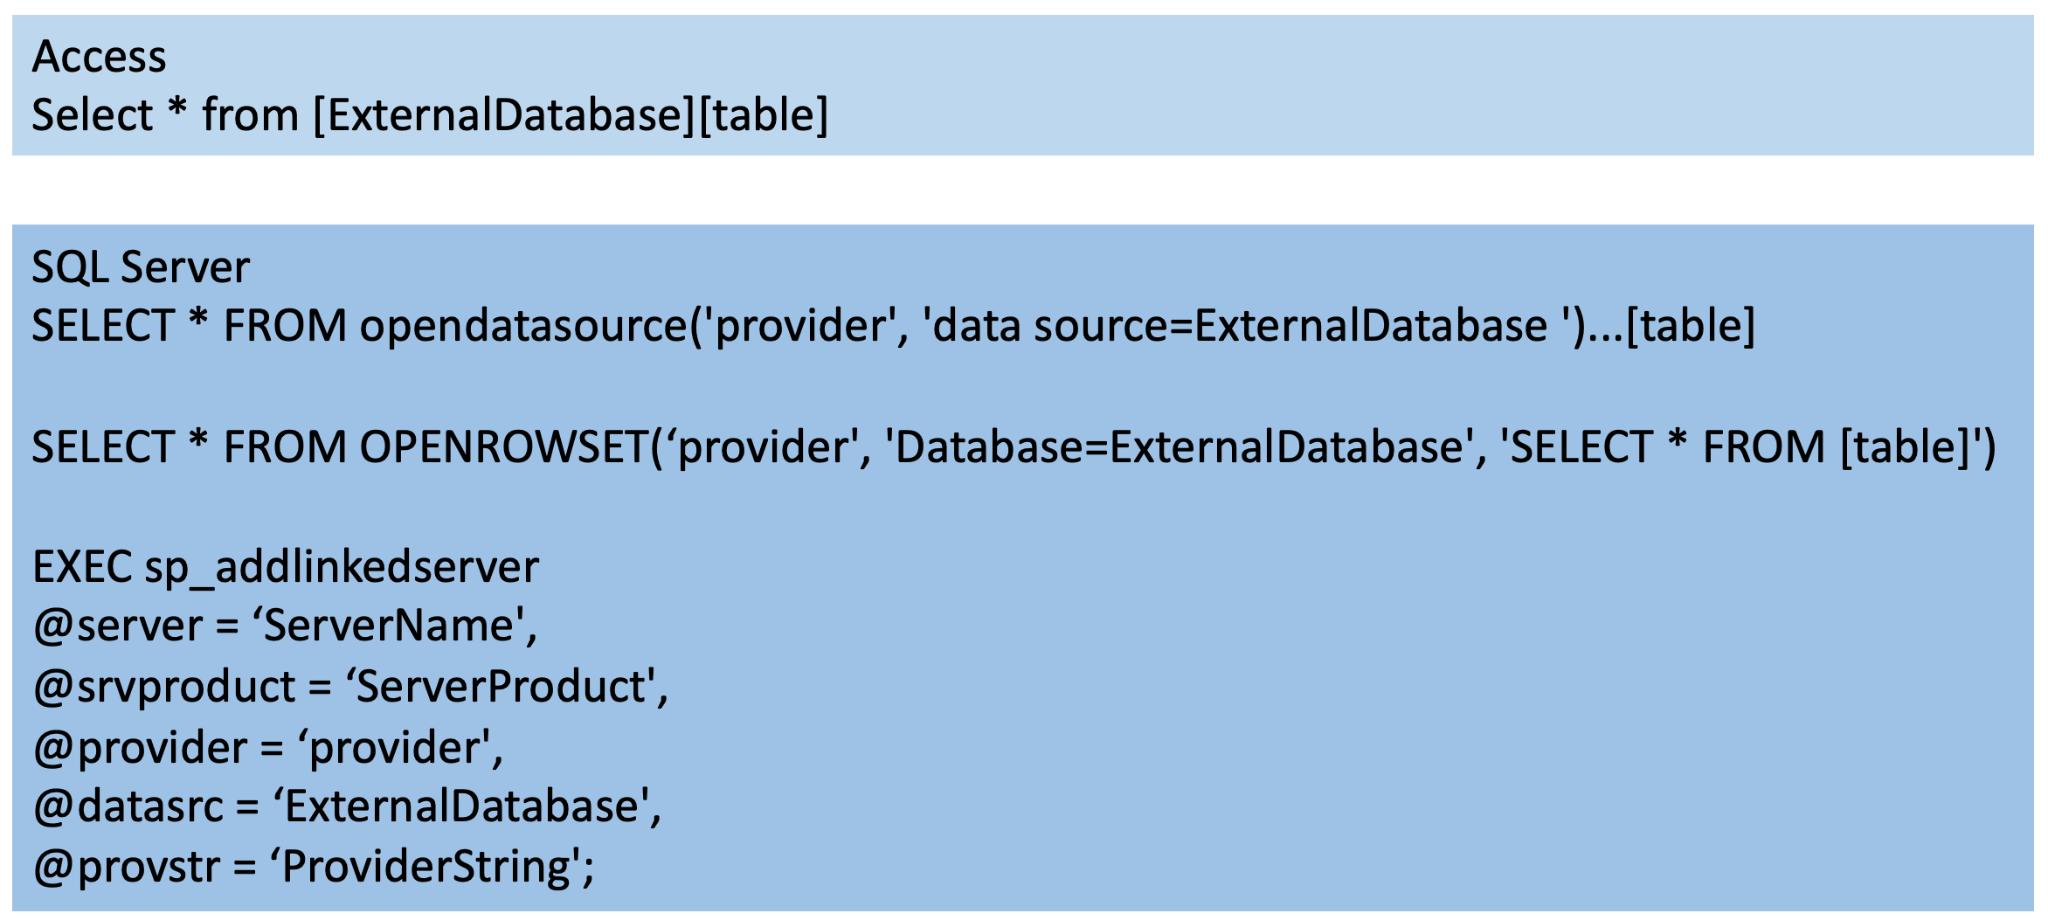 この図に示すように、テーブルにSQLクエリを発行する際、ACEであればaddlinkedserverを、MS JetであればOPENDATASOURCE、OPENROWSETを使ってそのテーブルの前にデータベースパスを追加すれば、ユーザーはリモートデータベースを割り当てることができる。